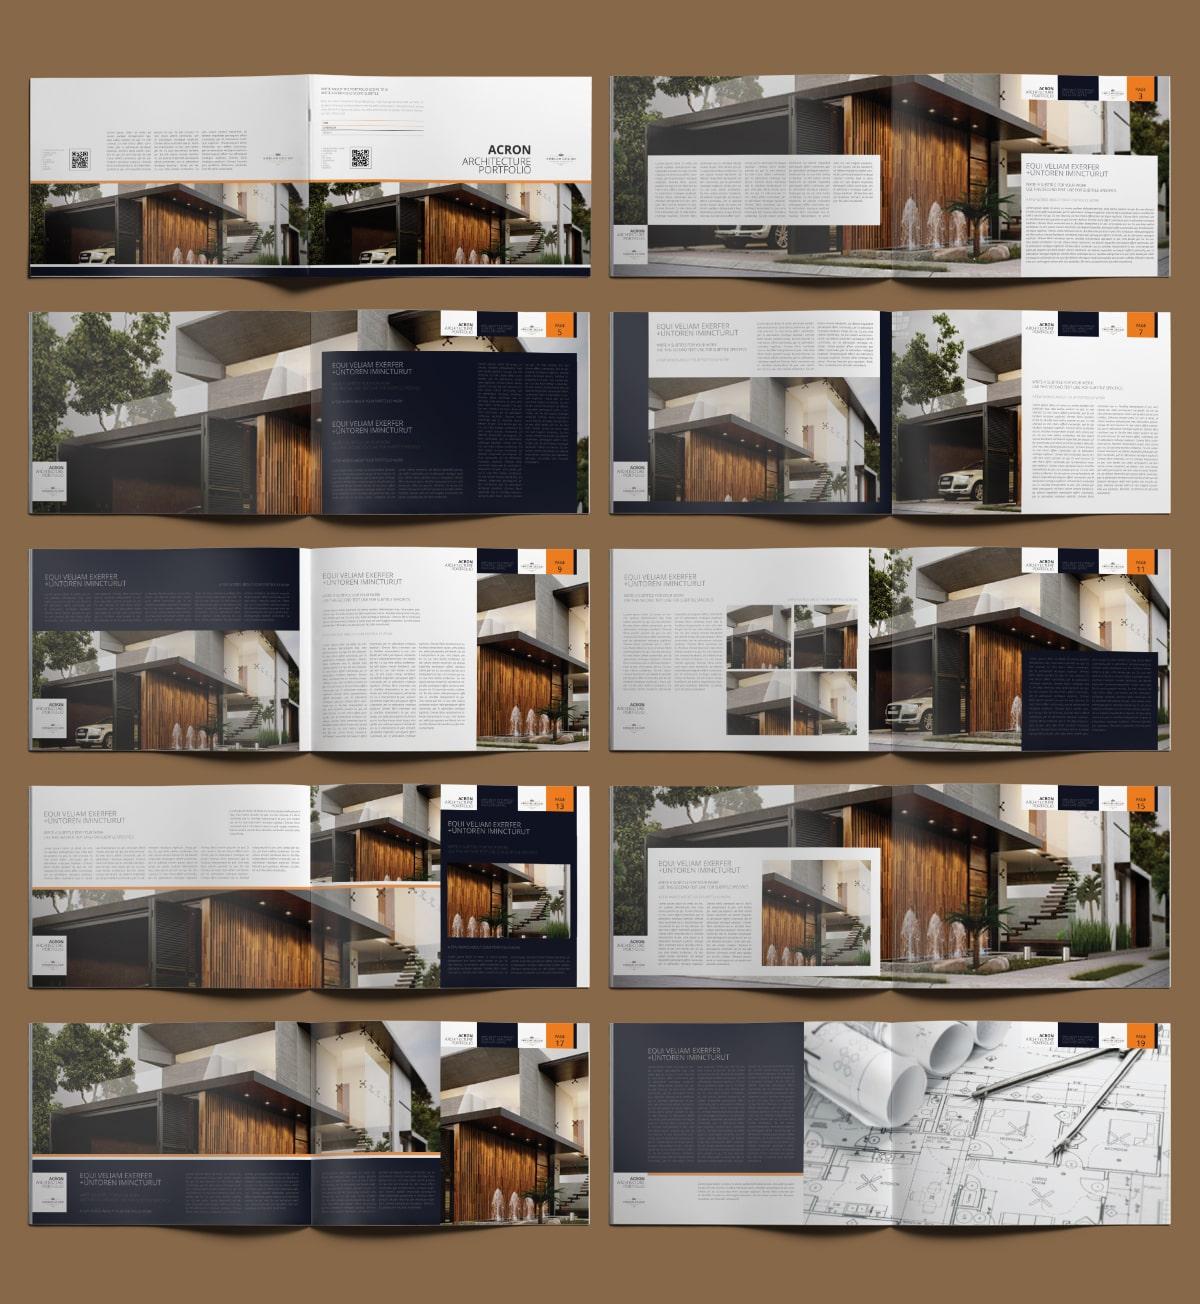 Acron Architecture Portfolio A4 Landscape - Layouts